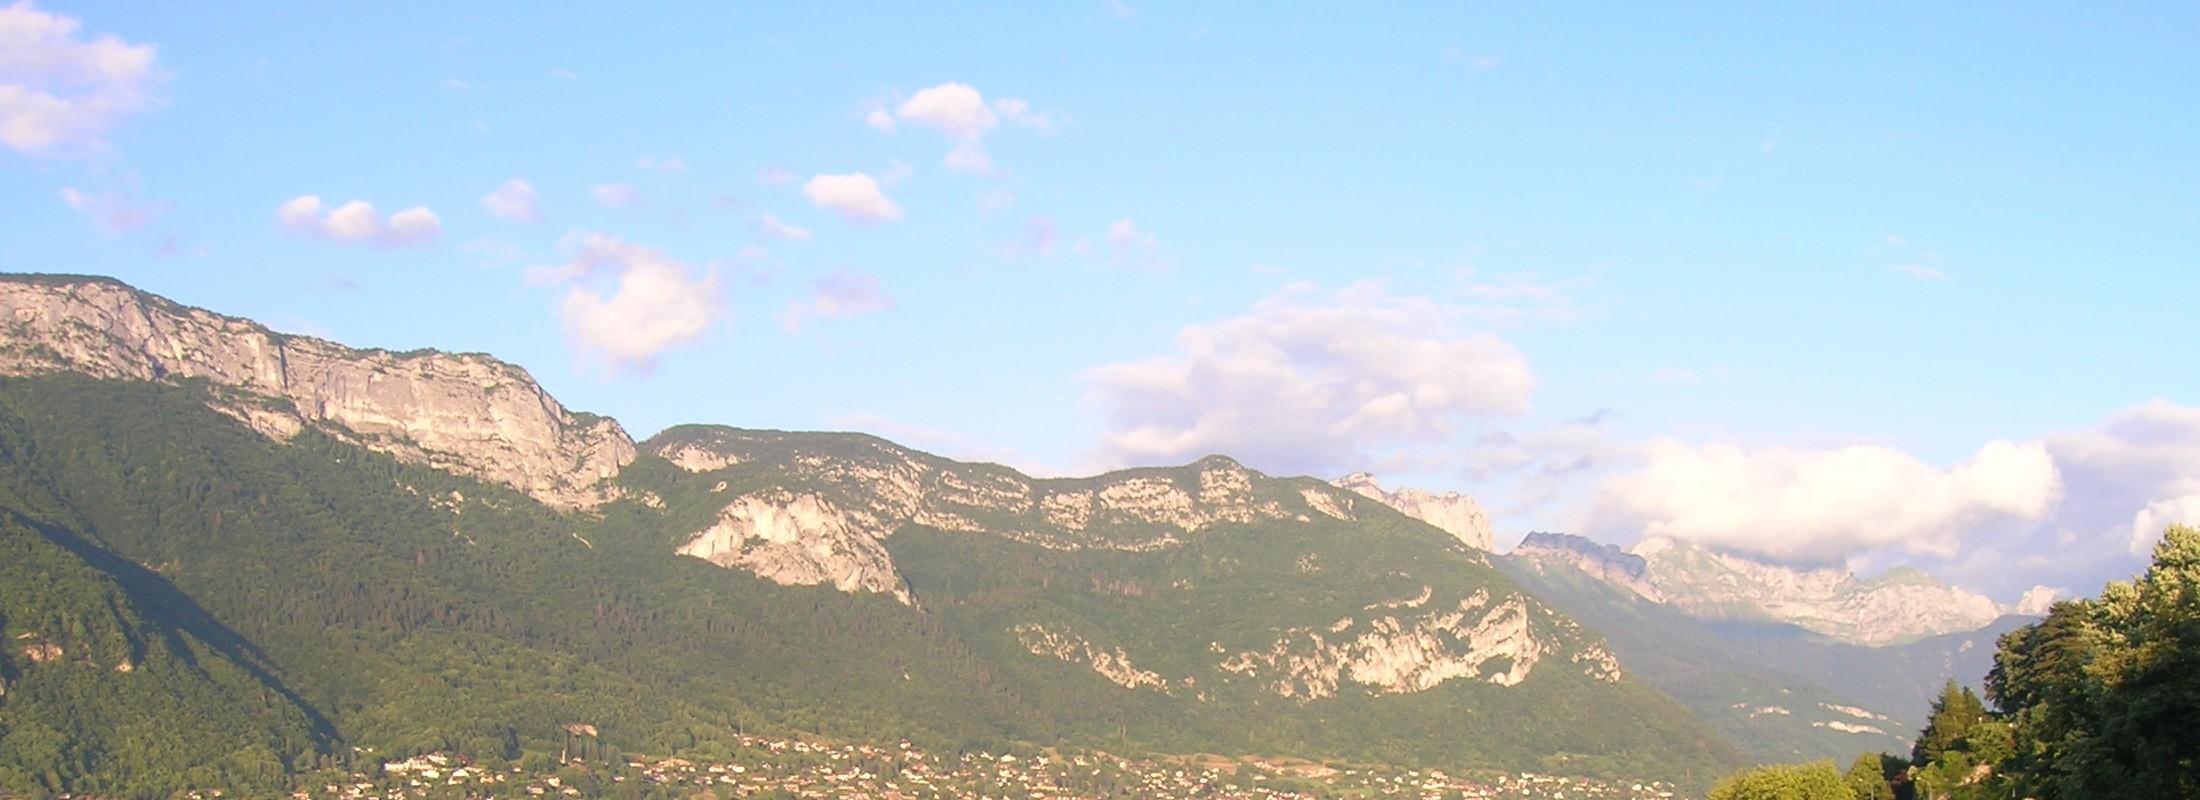 crêtes au dessus du lac d'Annecy, France